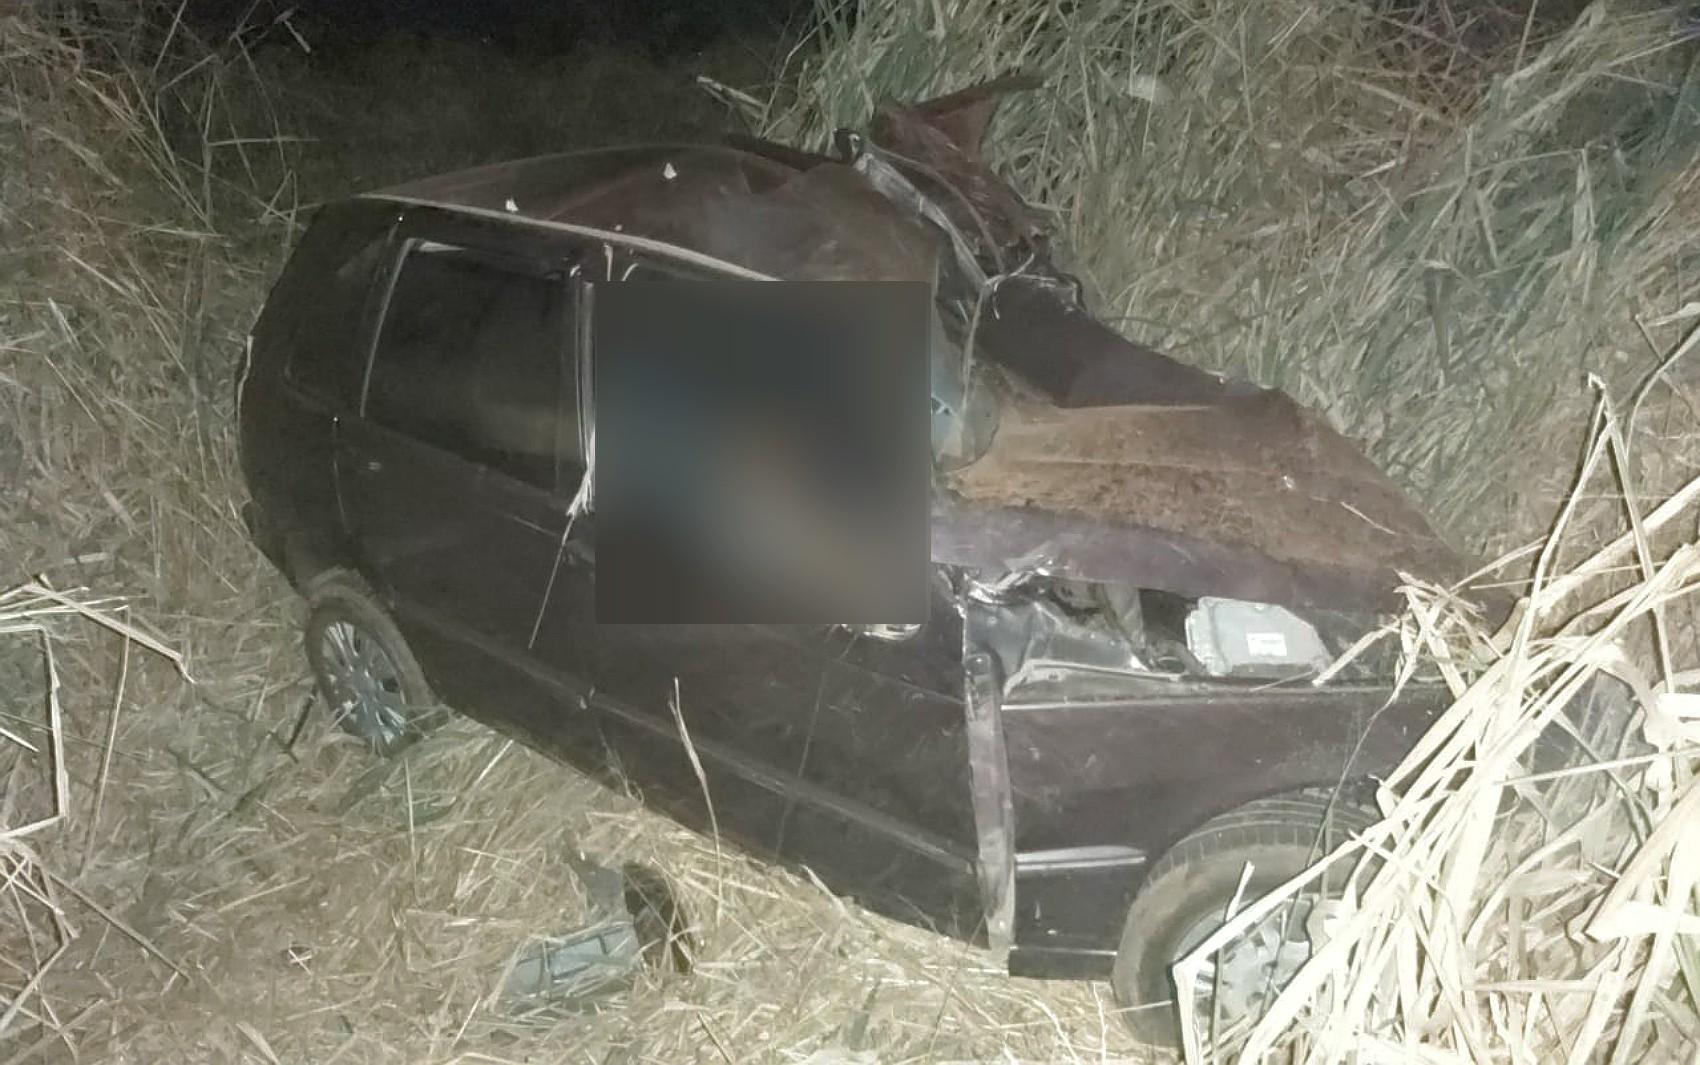 Colisão entre carro e caminhão mata casal em rodovia de Miguelópolis, SP - Notícias - Plantão Diário